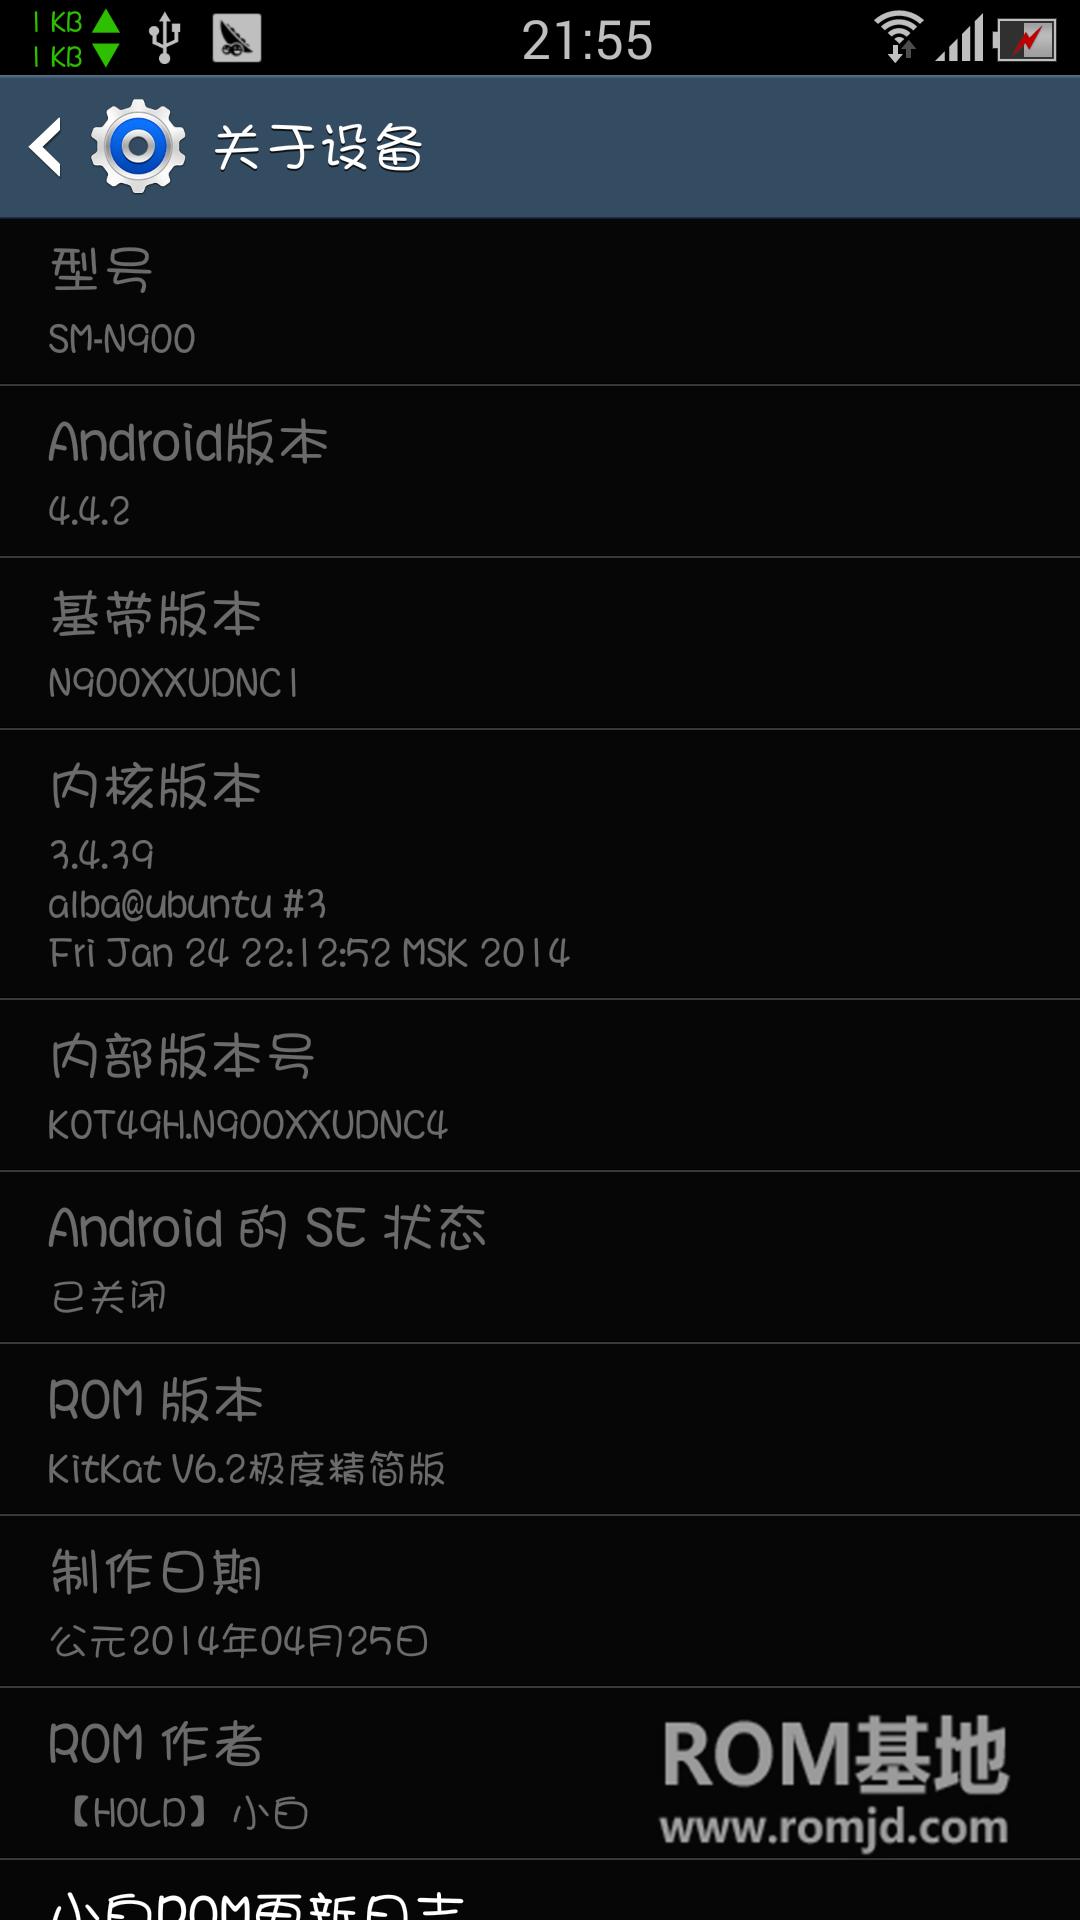 三星 N900 刷机包 _XXUDNC4_V6.2极度精简版+全局Odex分离ROM刷机包截图